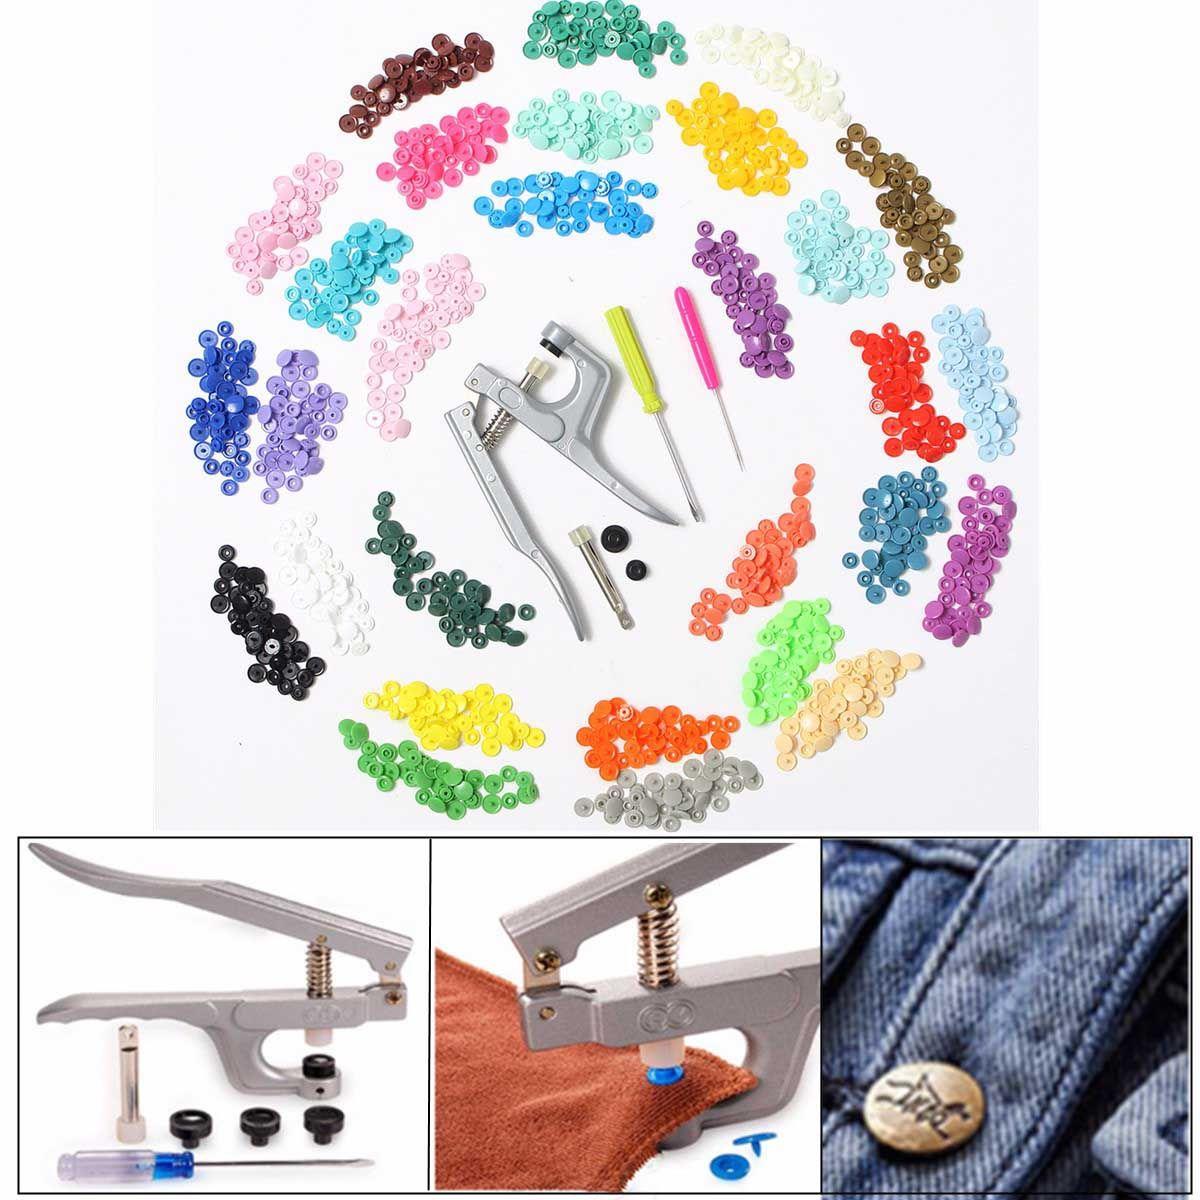 300 pièces 10 couleurs KAM boutons pression T5 Snap Starter plastique Poppers attaches + 1 pince pour coudre à la main bricolage Suplies en tissu